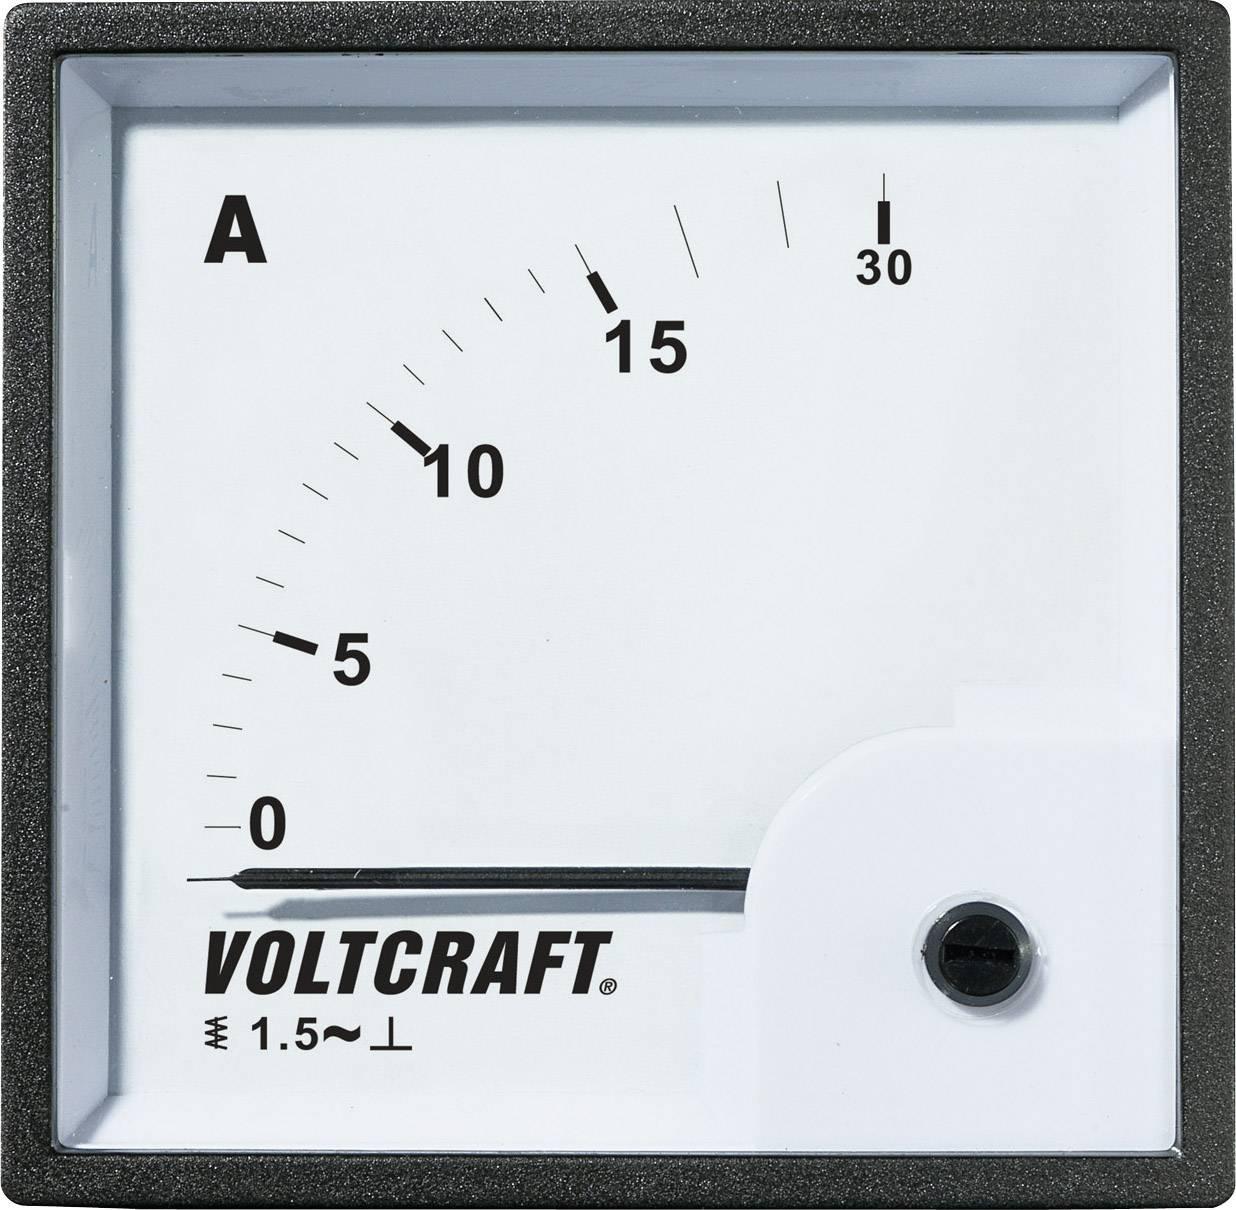 Analogové panelové měřidlo VOLTCRAFT AM-72X72/15A 15 A